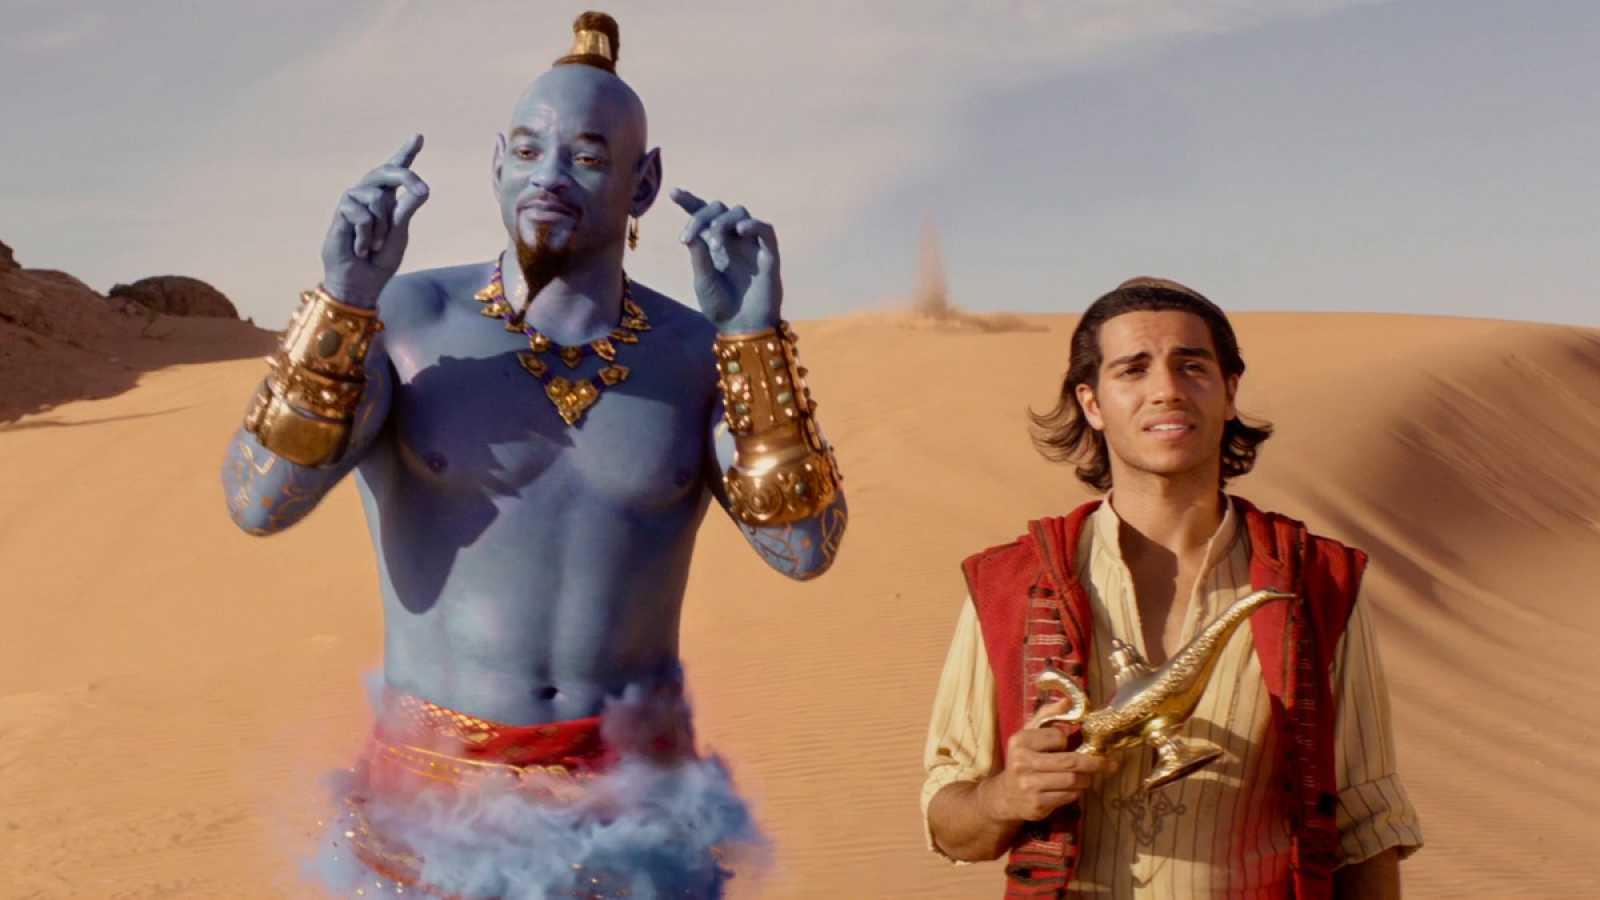 Imagen de Aladdin supera a Vengadores: Endgame